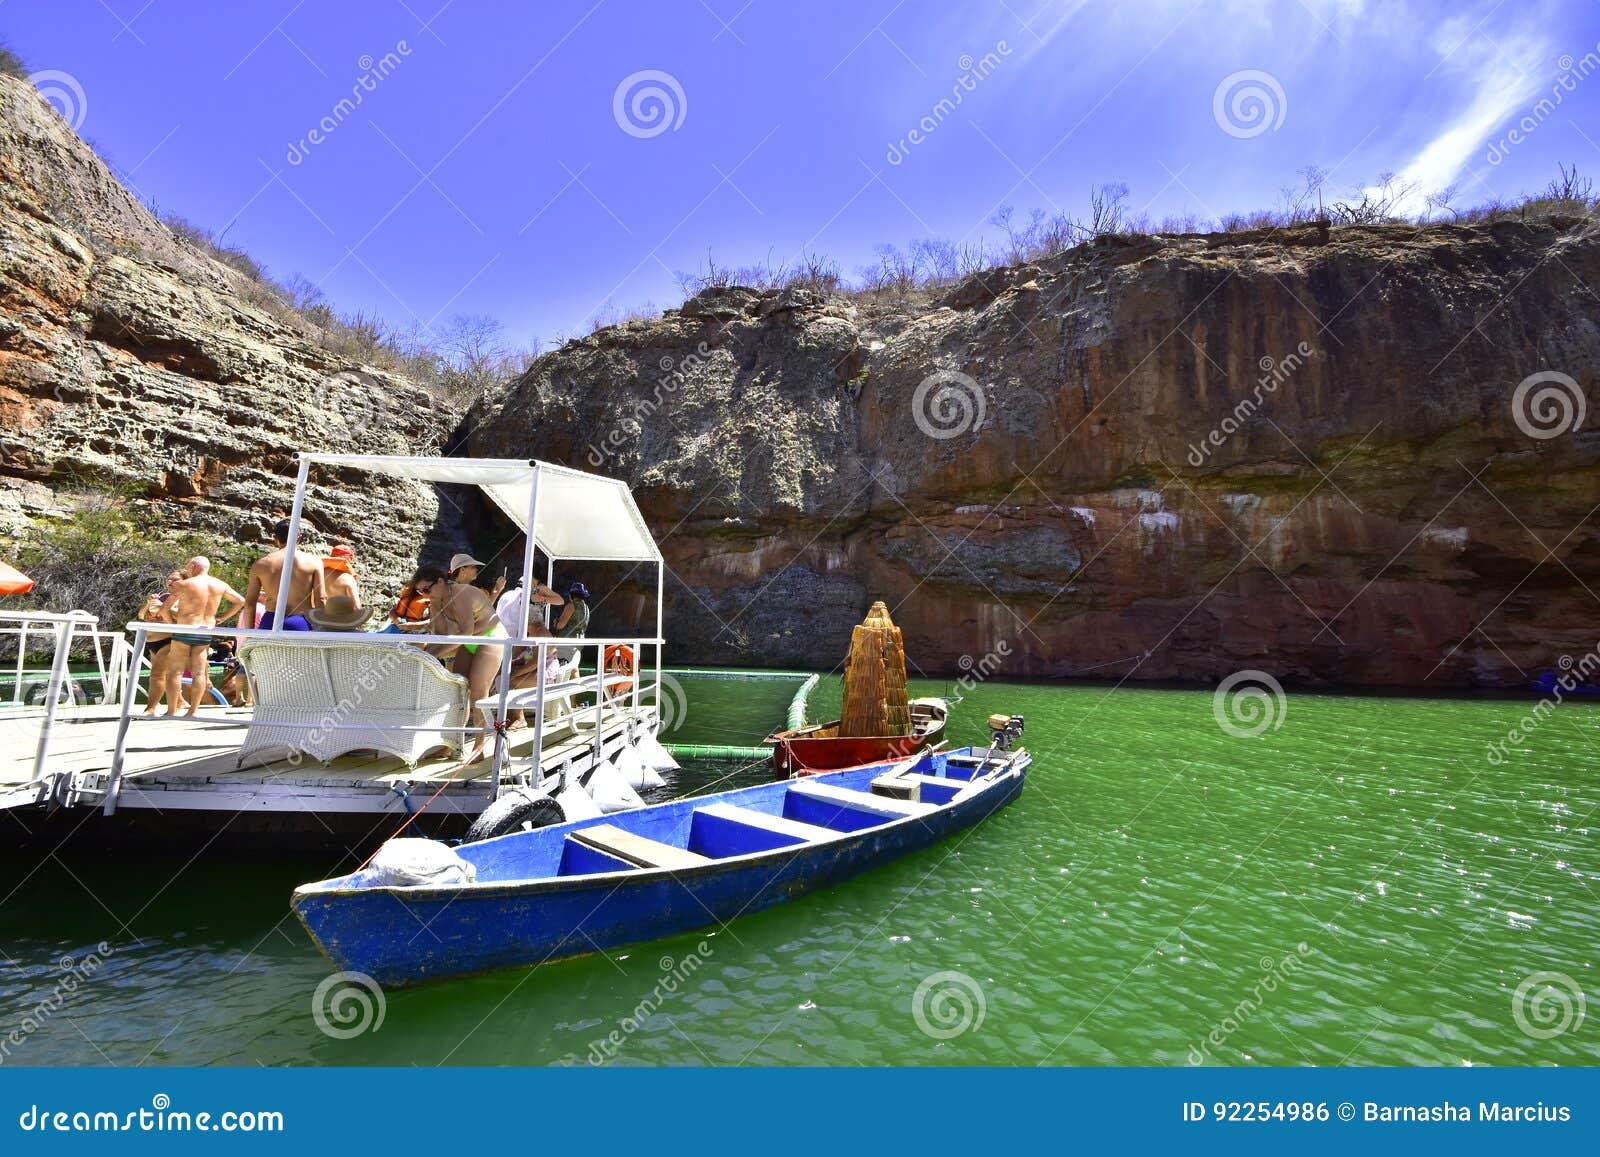 Tourismus in der Schlucht des Flusses